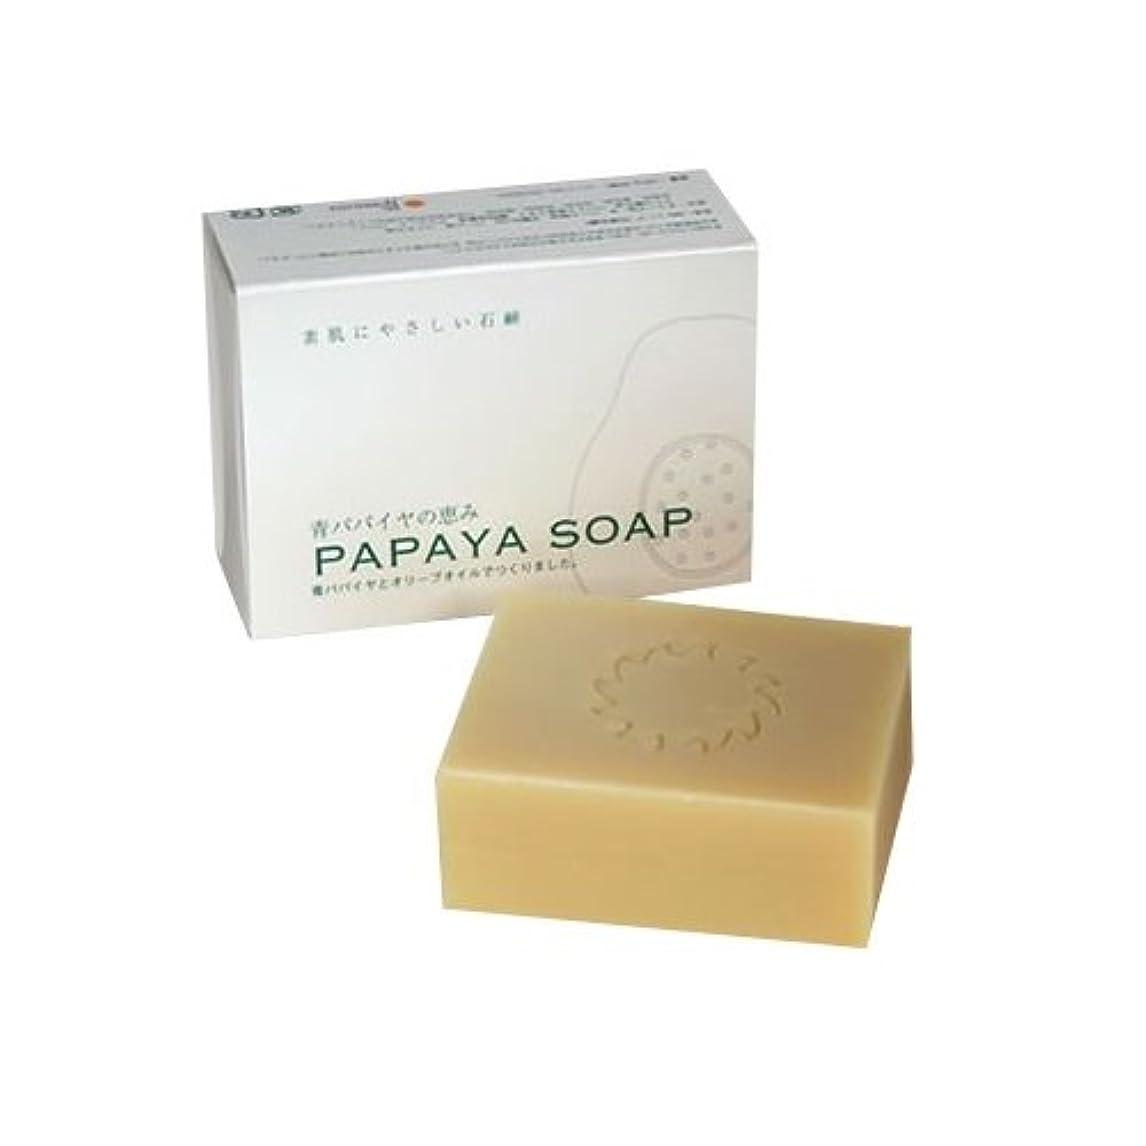 著者尊敬する職業青パパイヤの恵み PAPAYA SOAP(パパイヤソープ) 100g